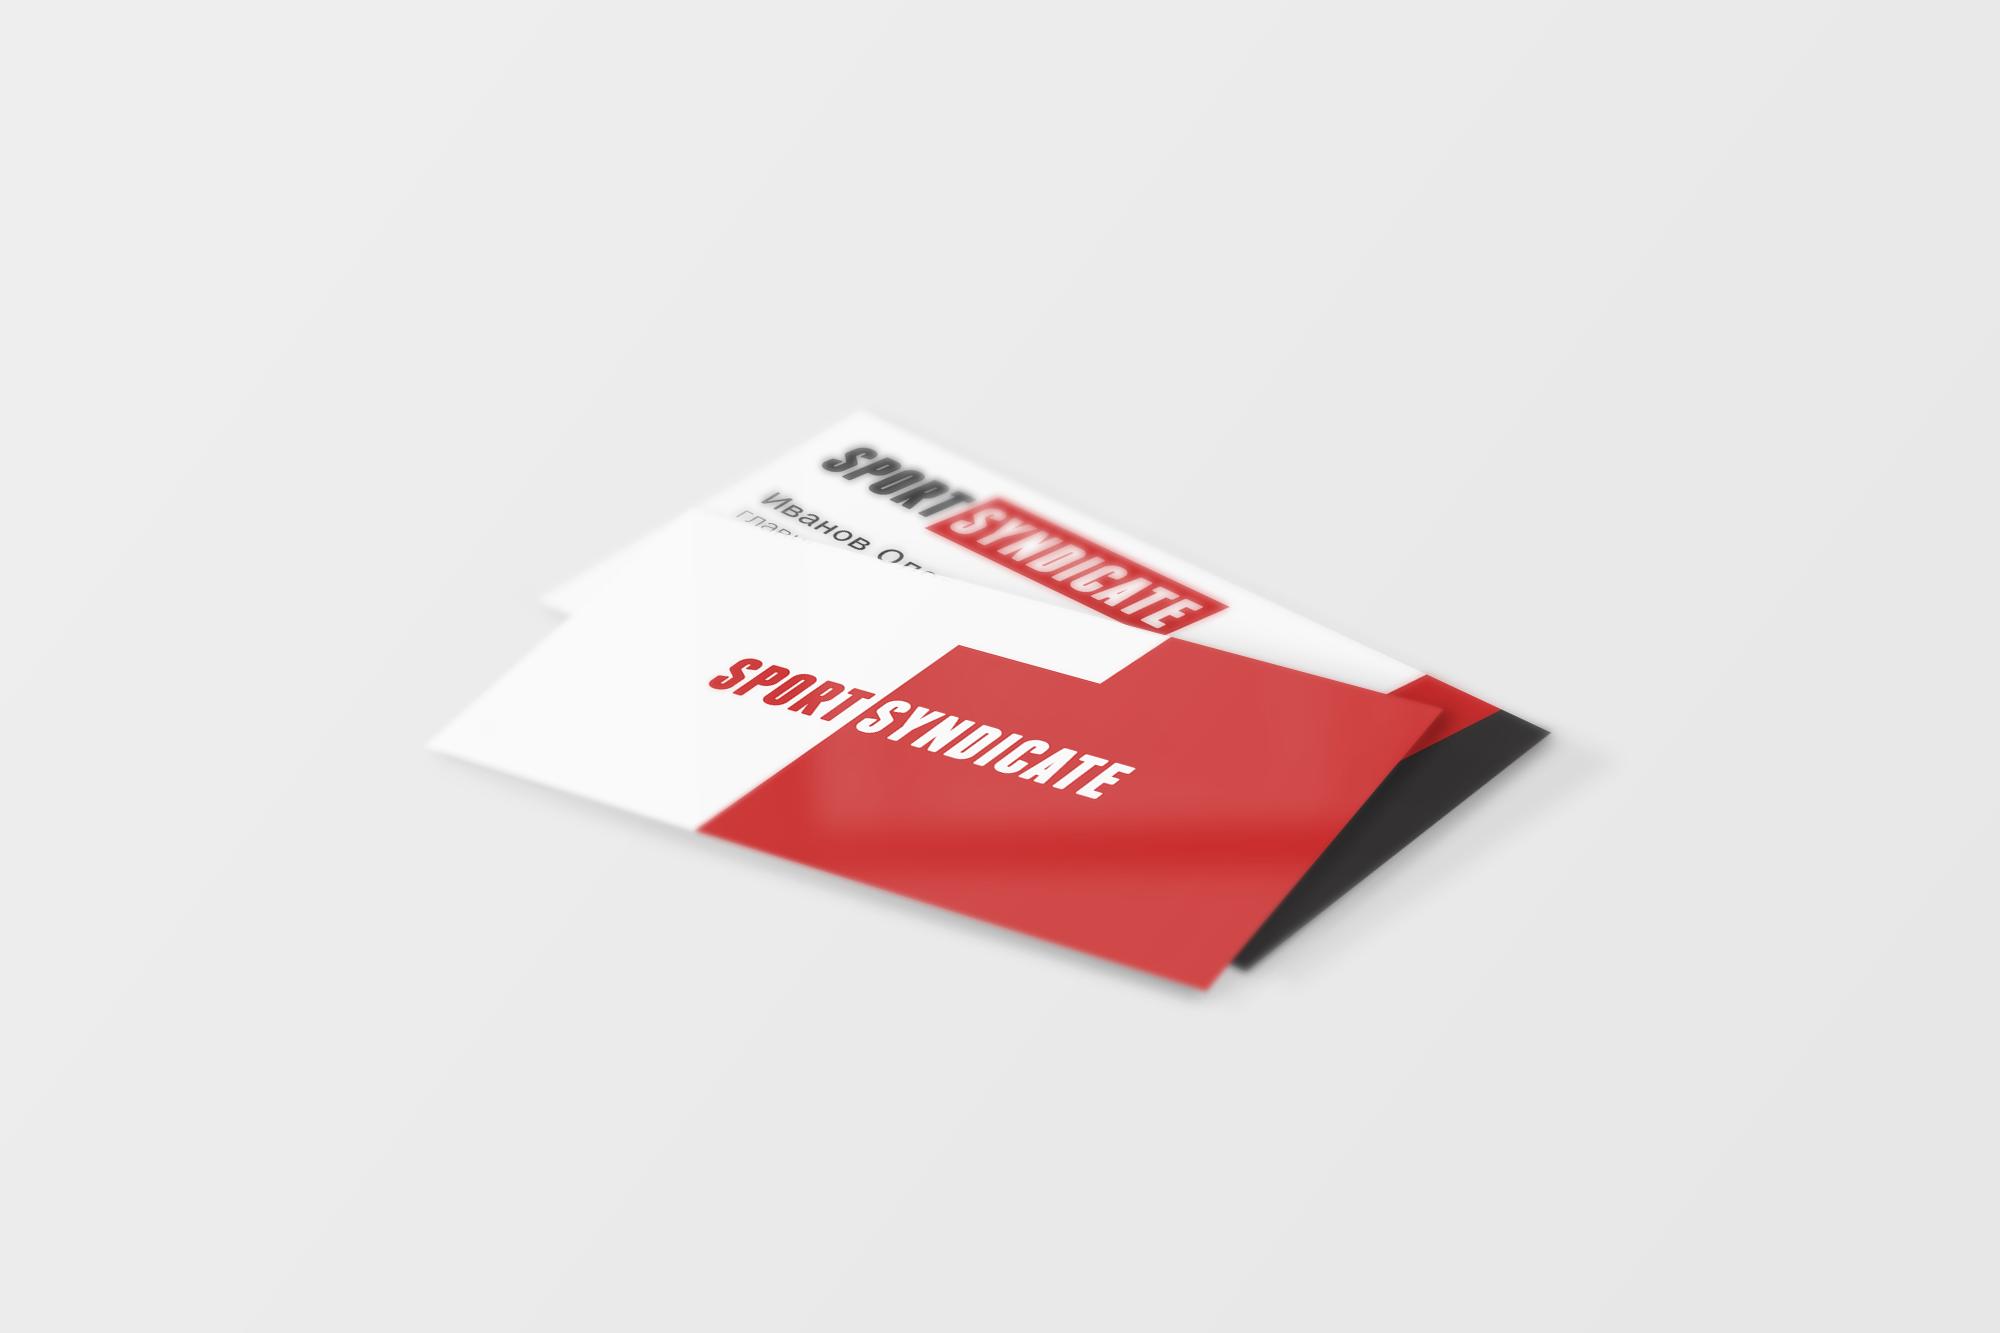 Создать логотип для сети магазинов спортивного питания фото f_0375978ea8cc1d6a.png